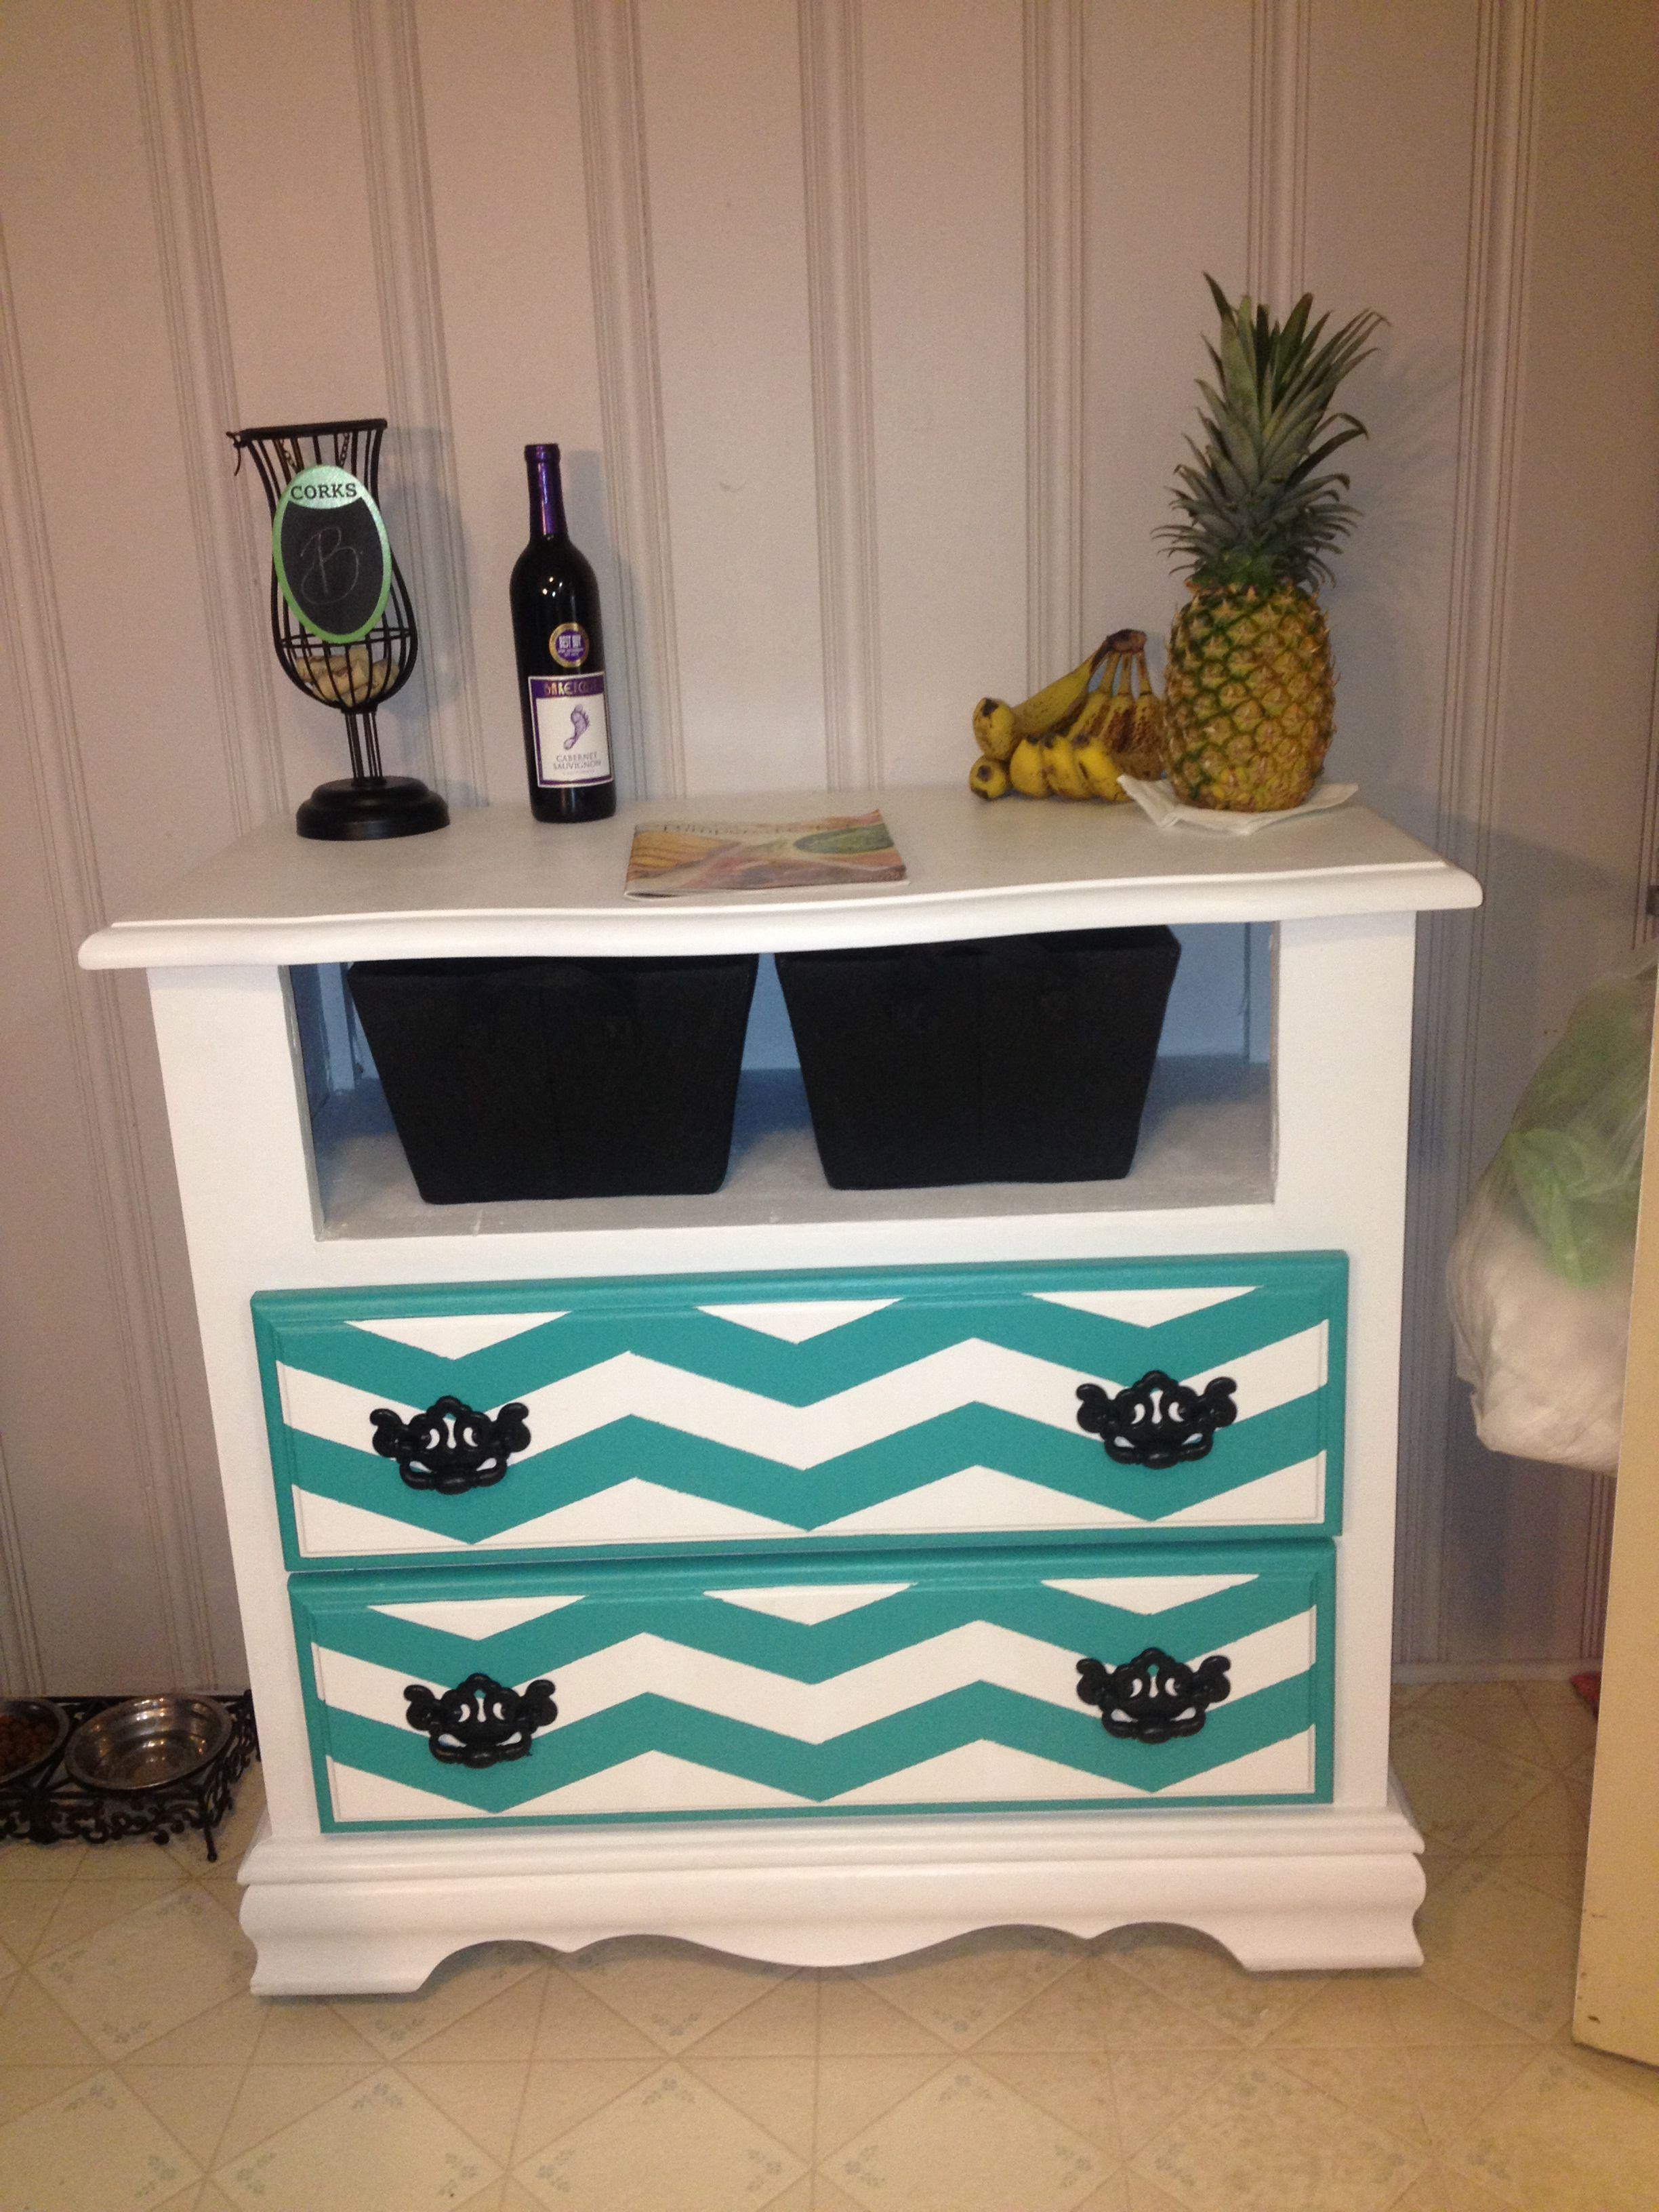 Chest of drawers turned kitchen cart diy repurposed chevronlove